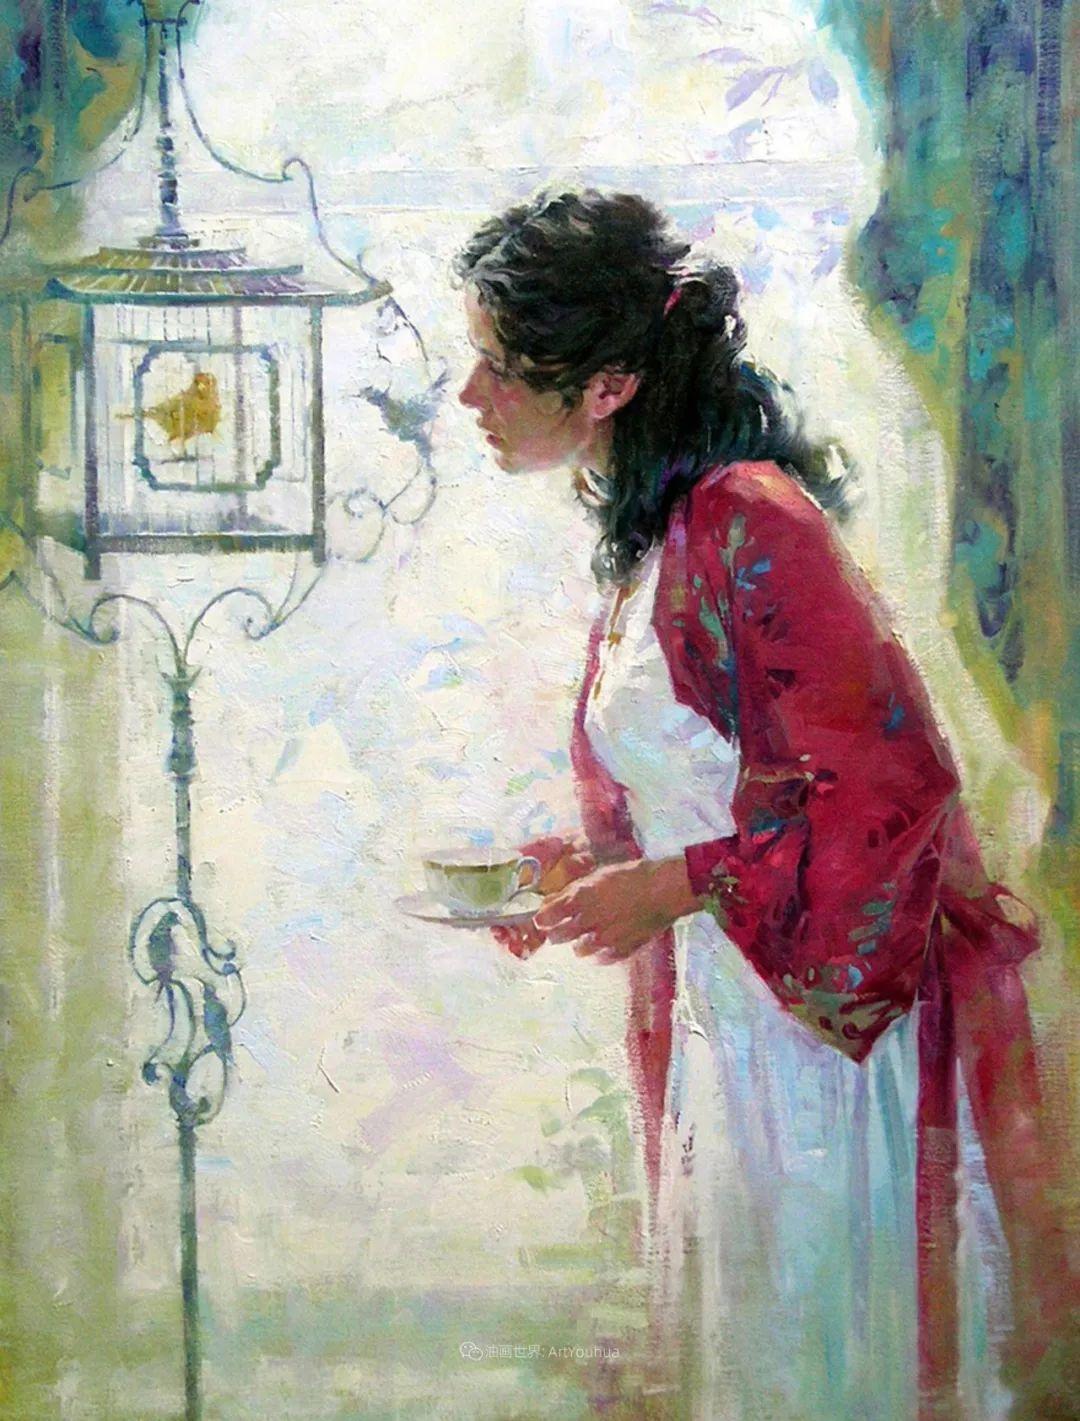 女人与花,世间最美的画卷!插图19